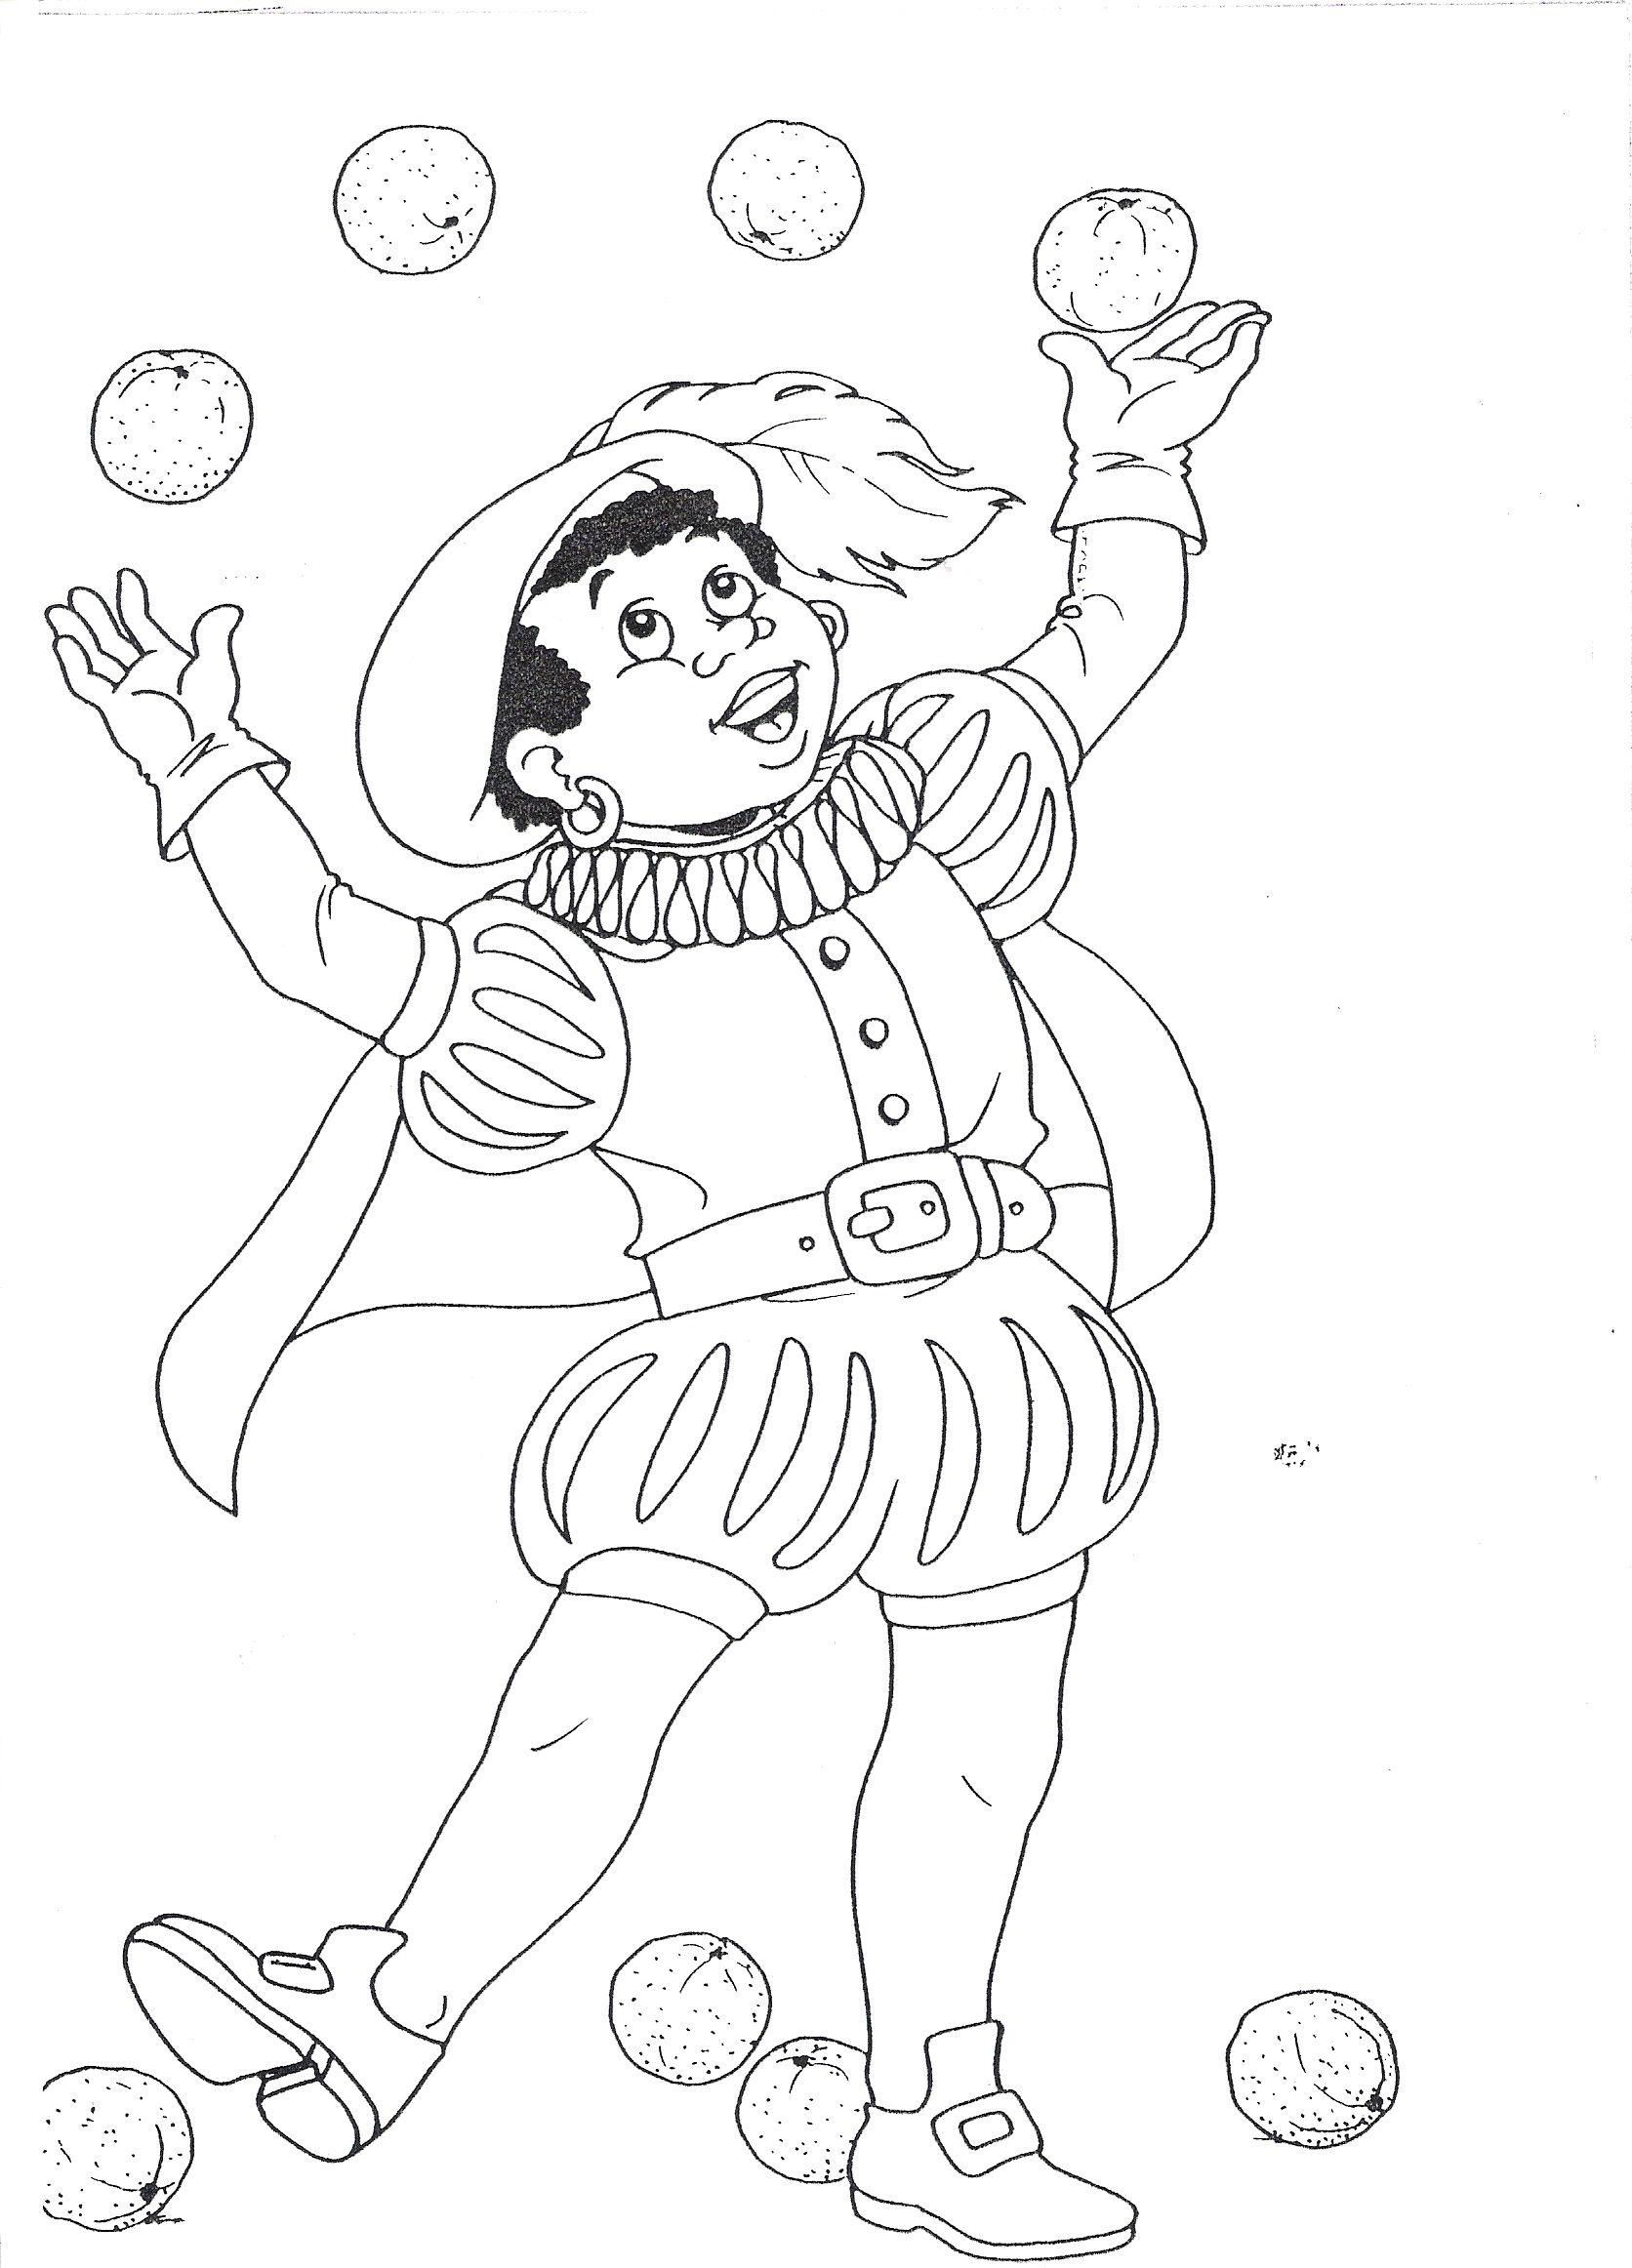 jongleren sinterklaas kleurplaten